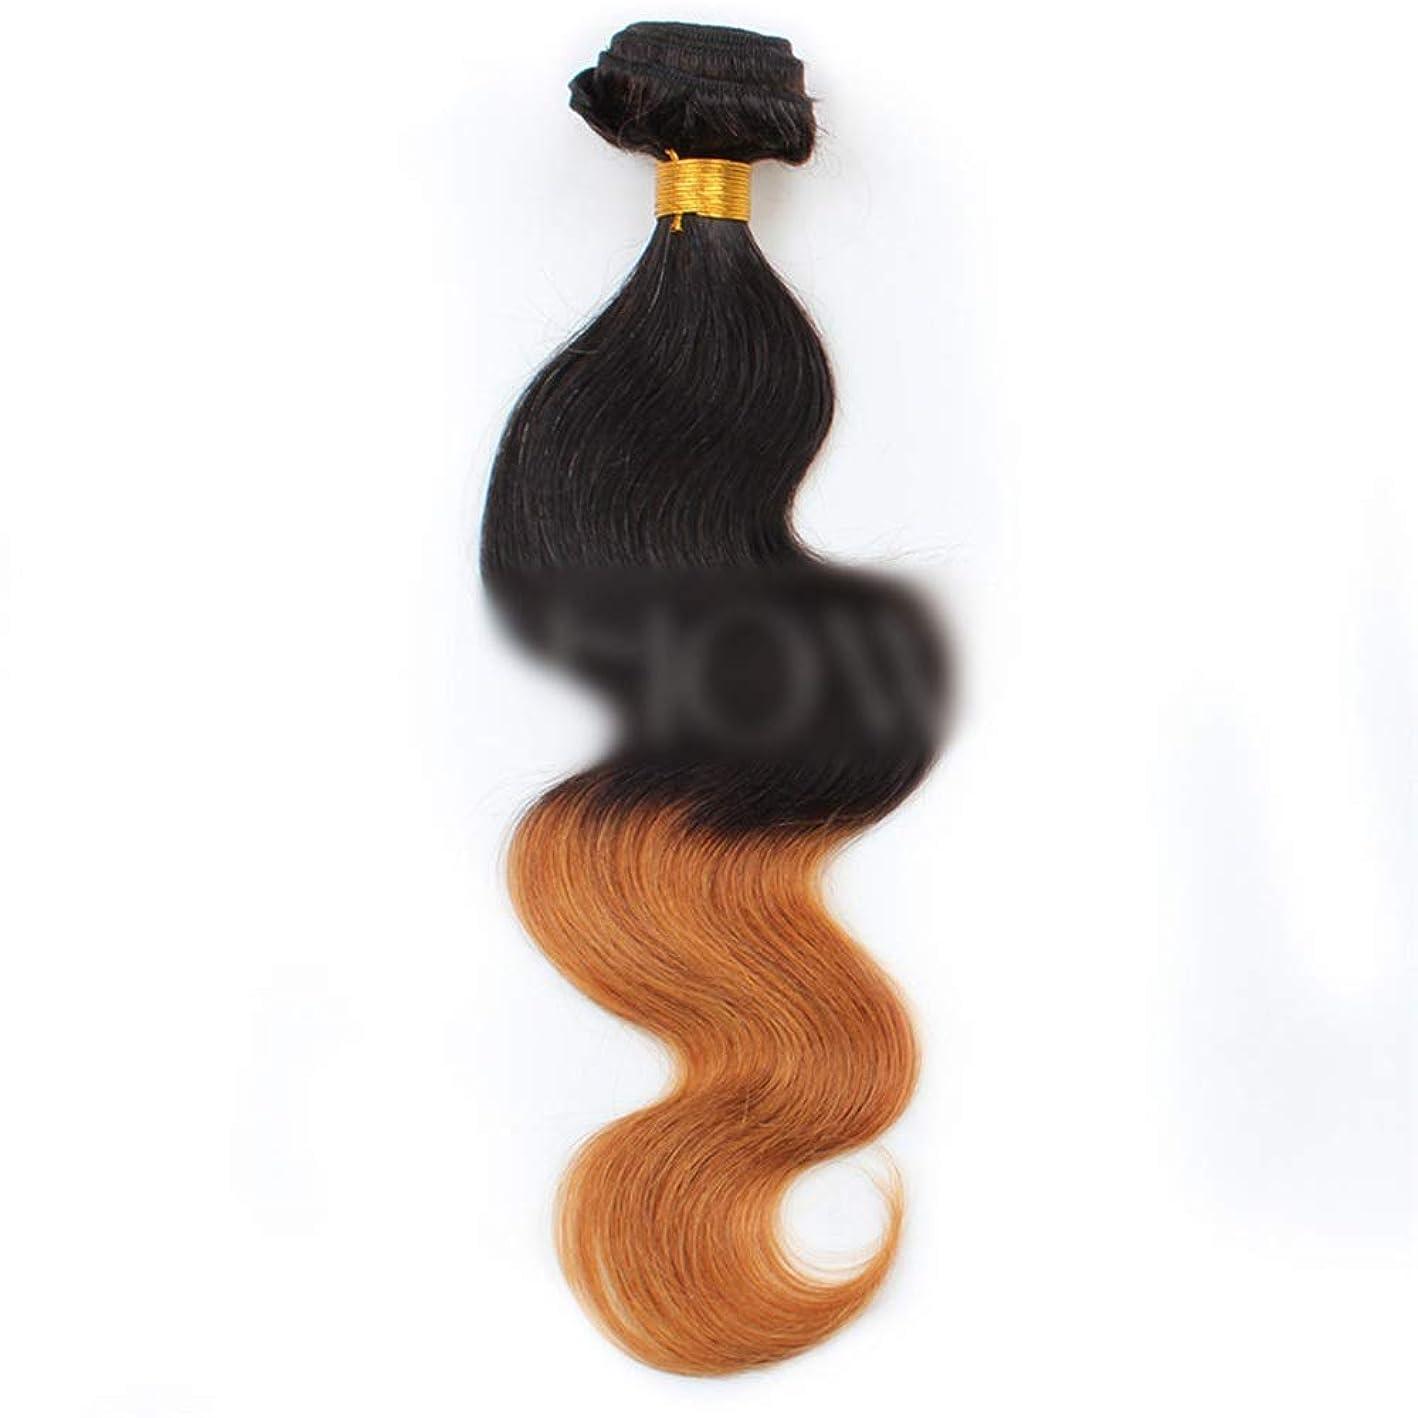 断線ゲージ団結YESONEEP ブラジルの人間の髪の毛のボディ織り方ヘアエクステンション-1B / 30#黒から茶色へのグラデーショングラデーションカラー髪の織り方1バンドル、100g合成髪レースかつらロールプレイングかつら長くて短い女性自然 (色 : ブラウン, サイズ : 22 inch)